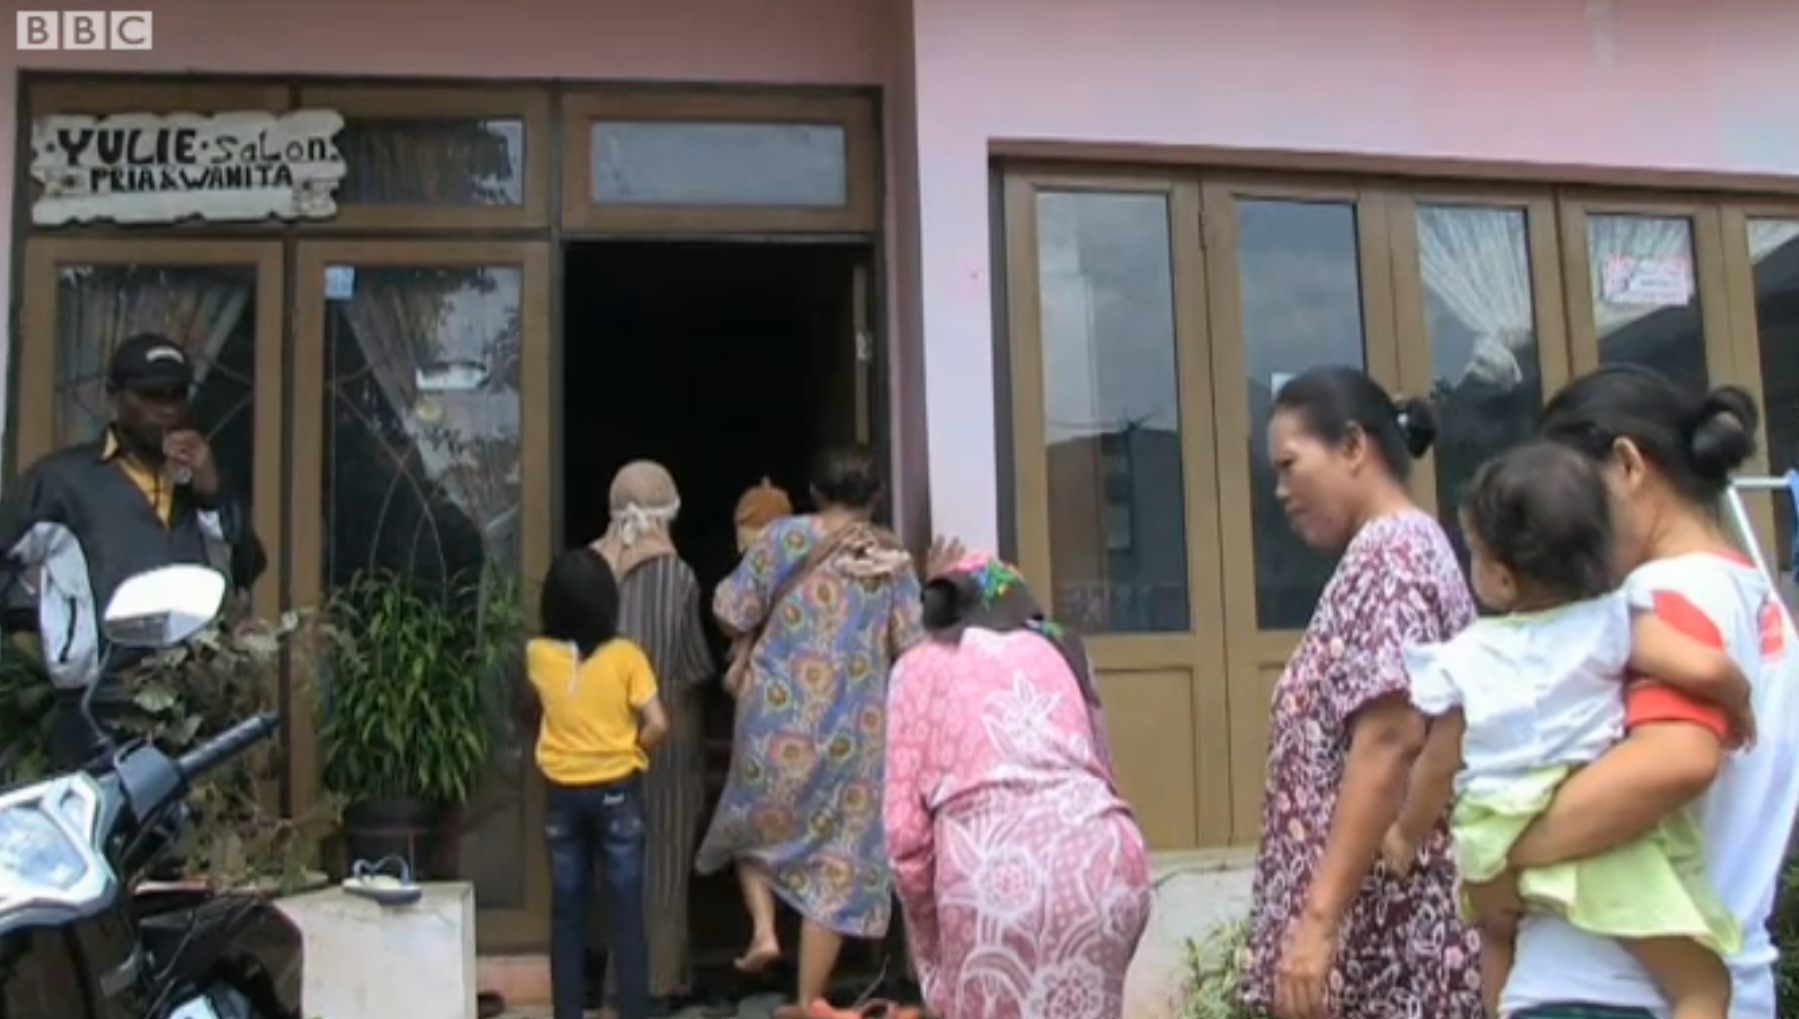 La maison de retraite créée par Yulianus Rettoblaut. (photo capture BBC)